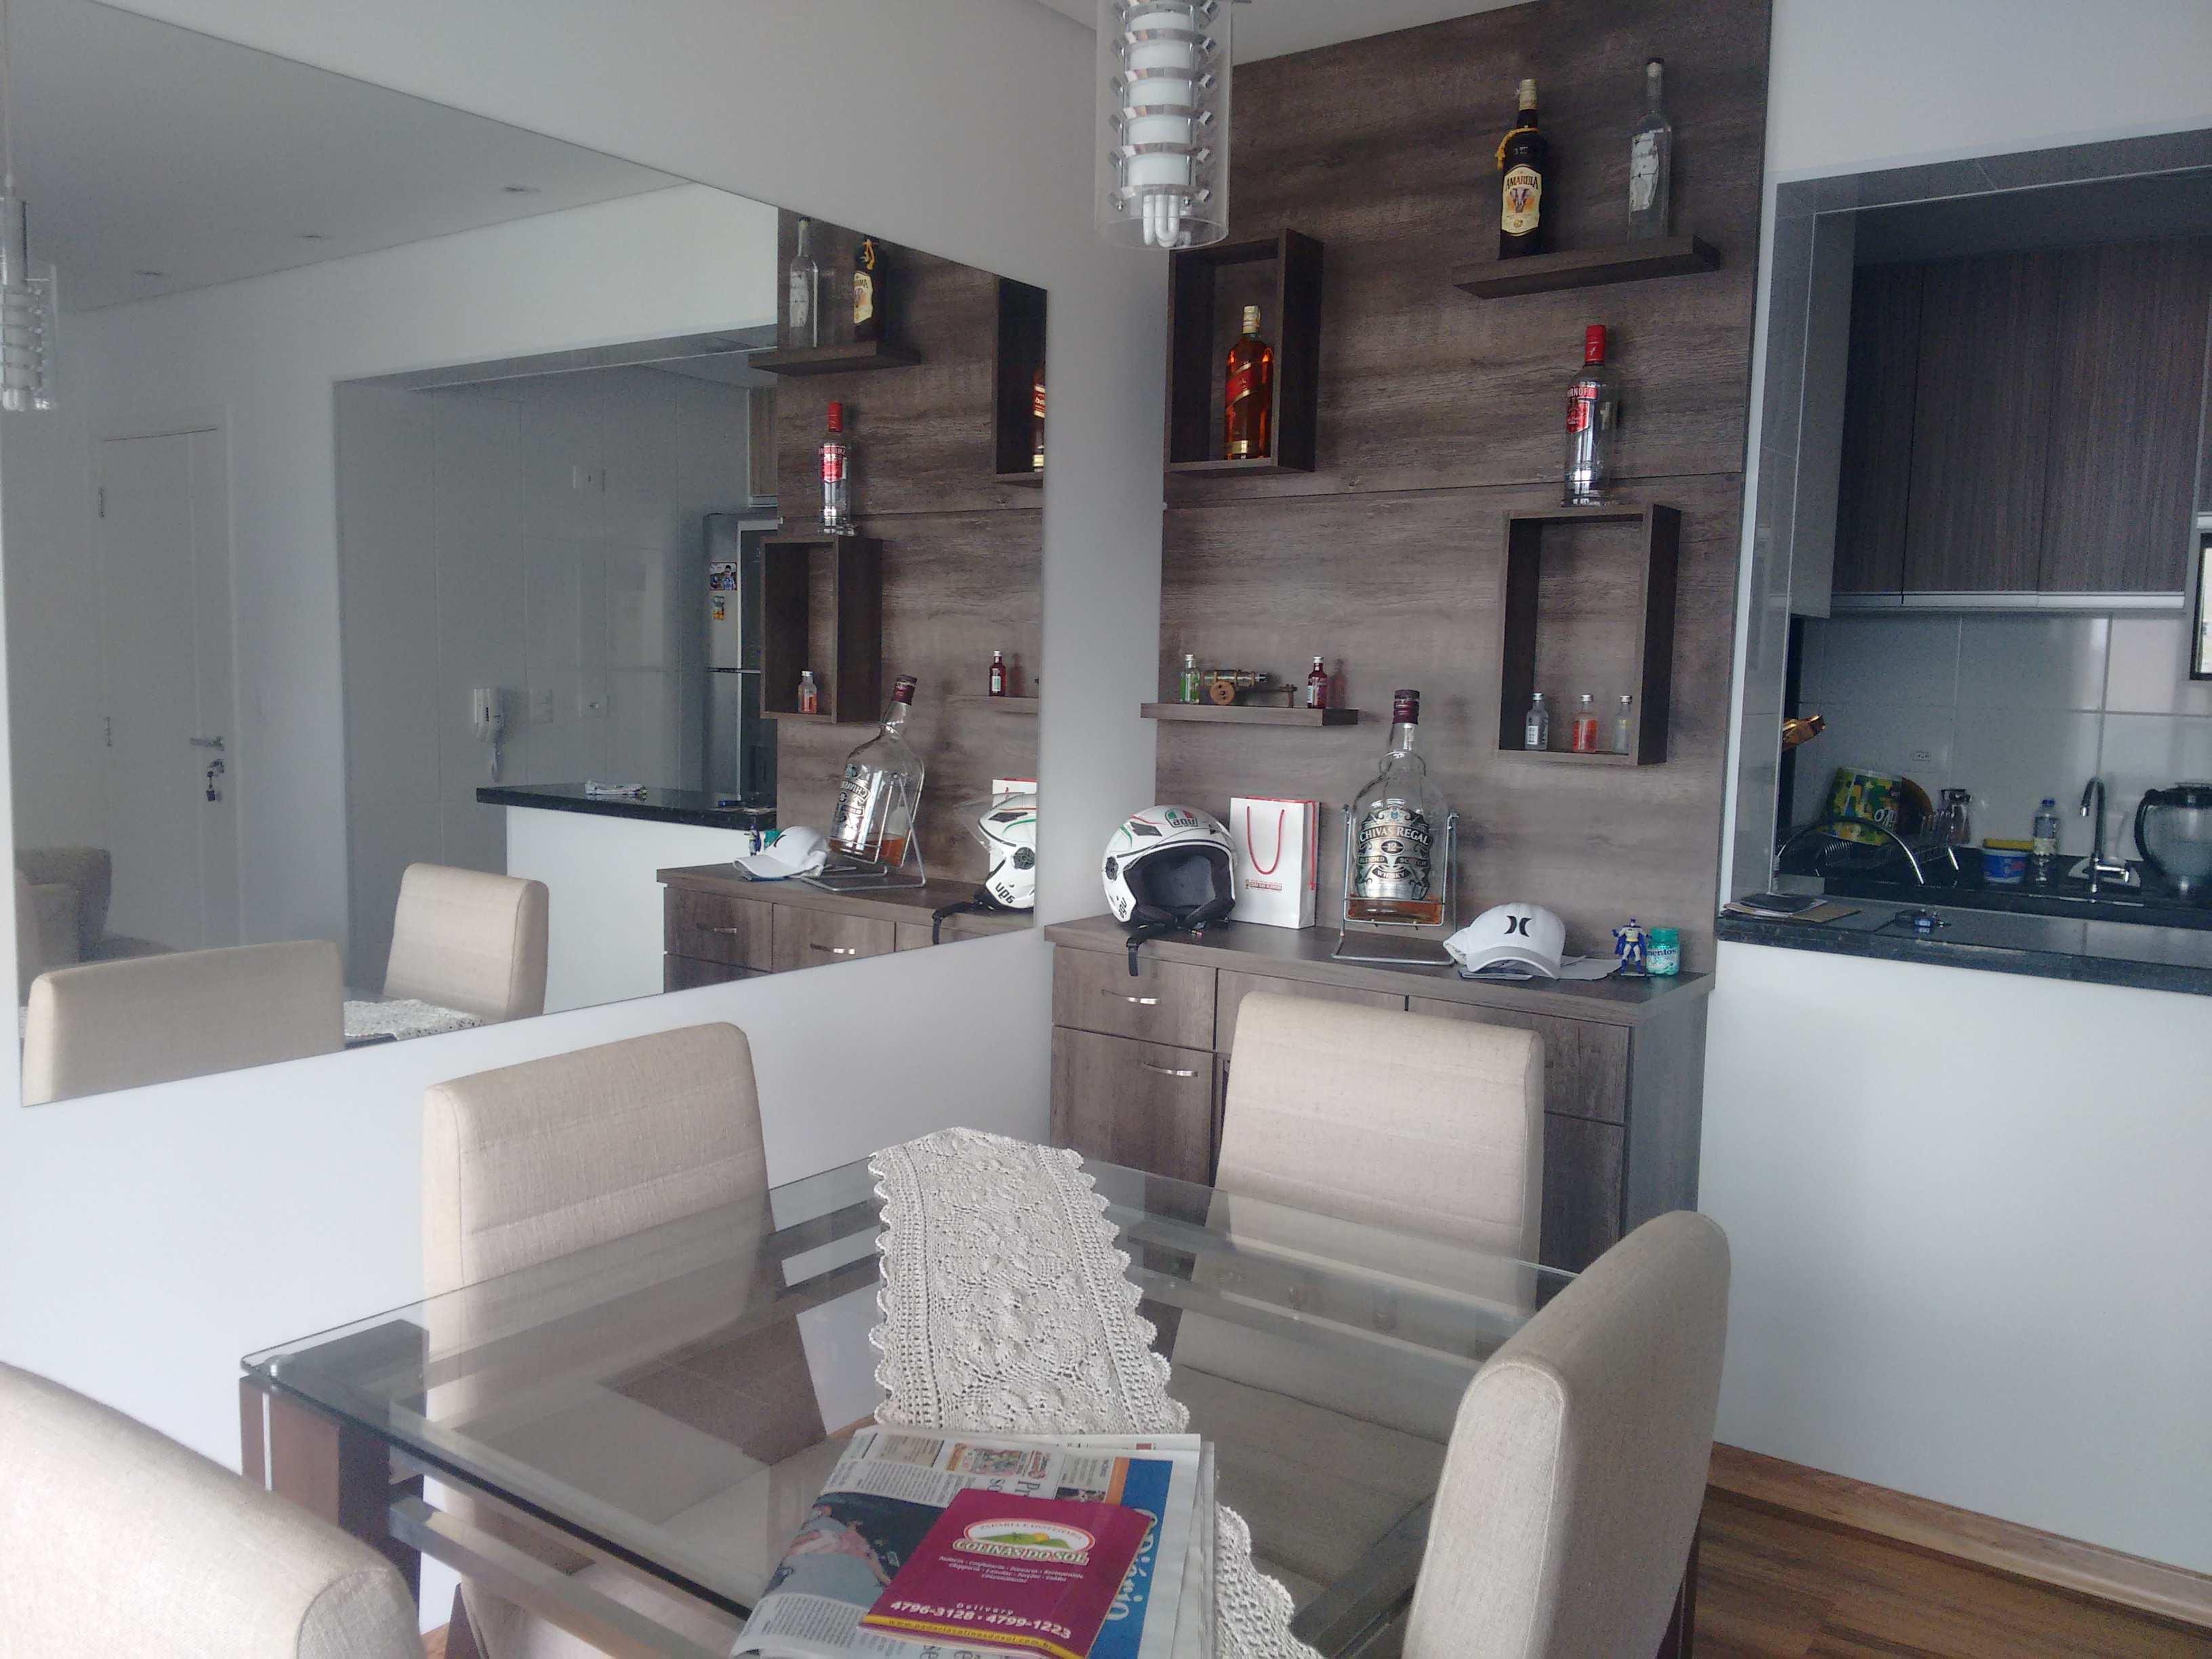 Imagens de #604847  com 3 dormitórios no Nova Mogilar em Mogi das Cruzes SP Ref.: 7418 3264x2448 px 2788 Box Banheiro Mogi Das Cruzes